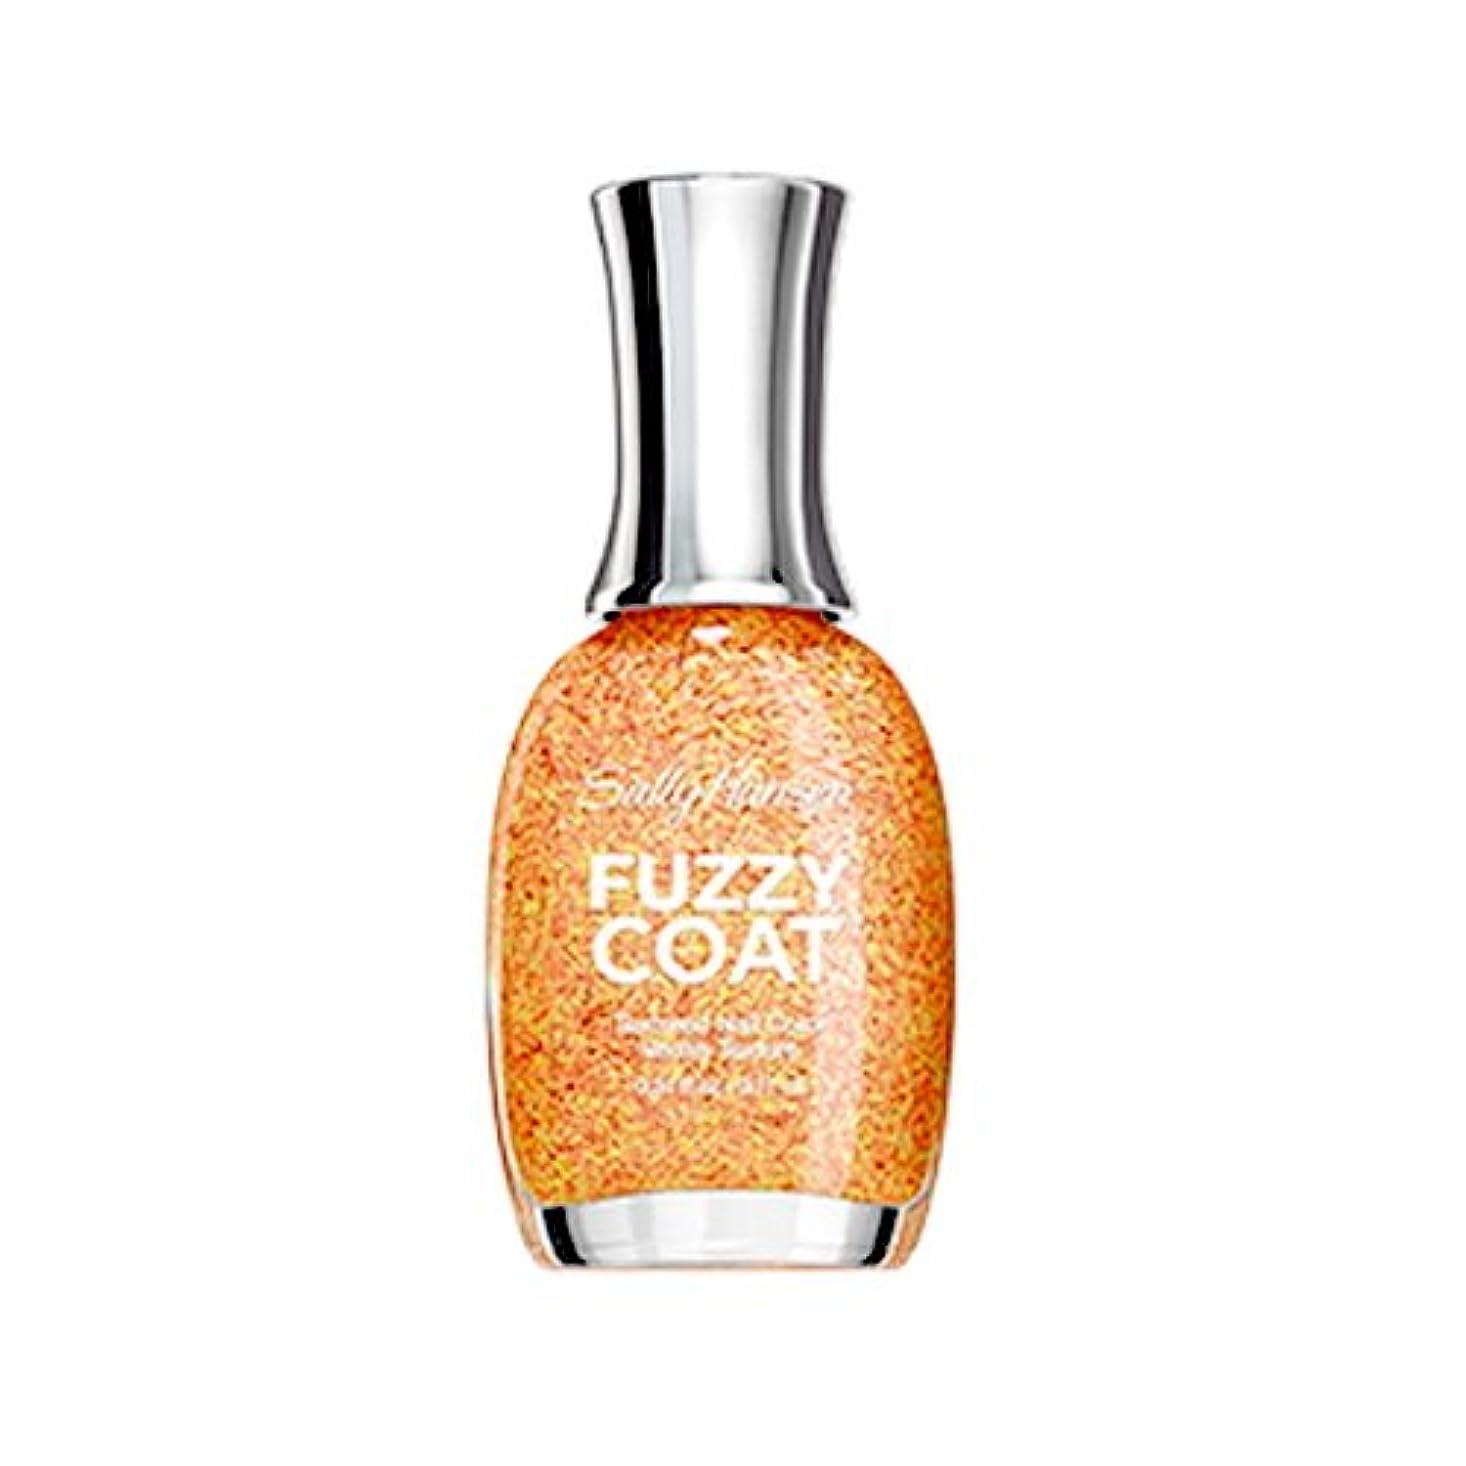 せがむ管理します八百屋(6 Pack) SALLY HANSEN Fuzzy Coat Special Effect Textured Nail Color - Peach Fuzz (並行輸入品)